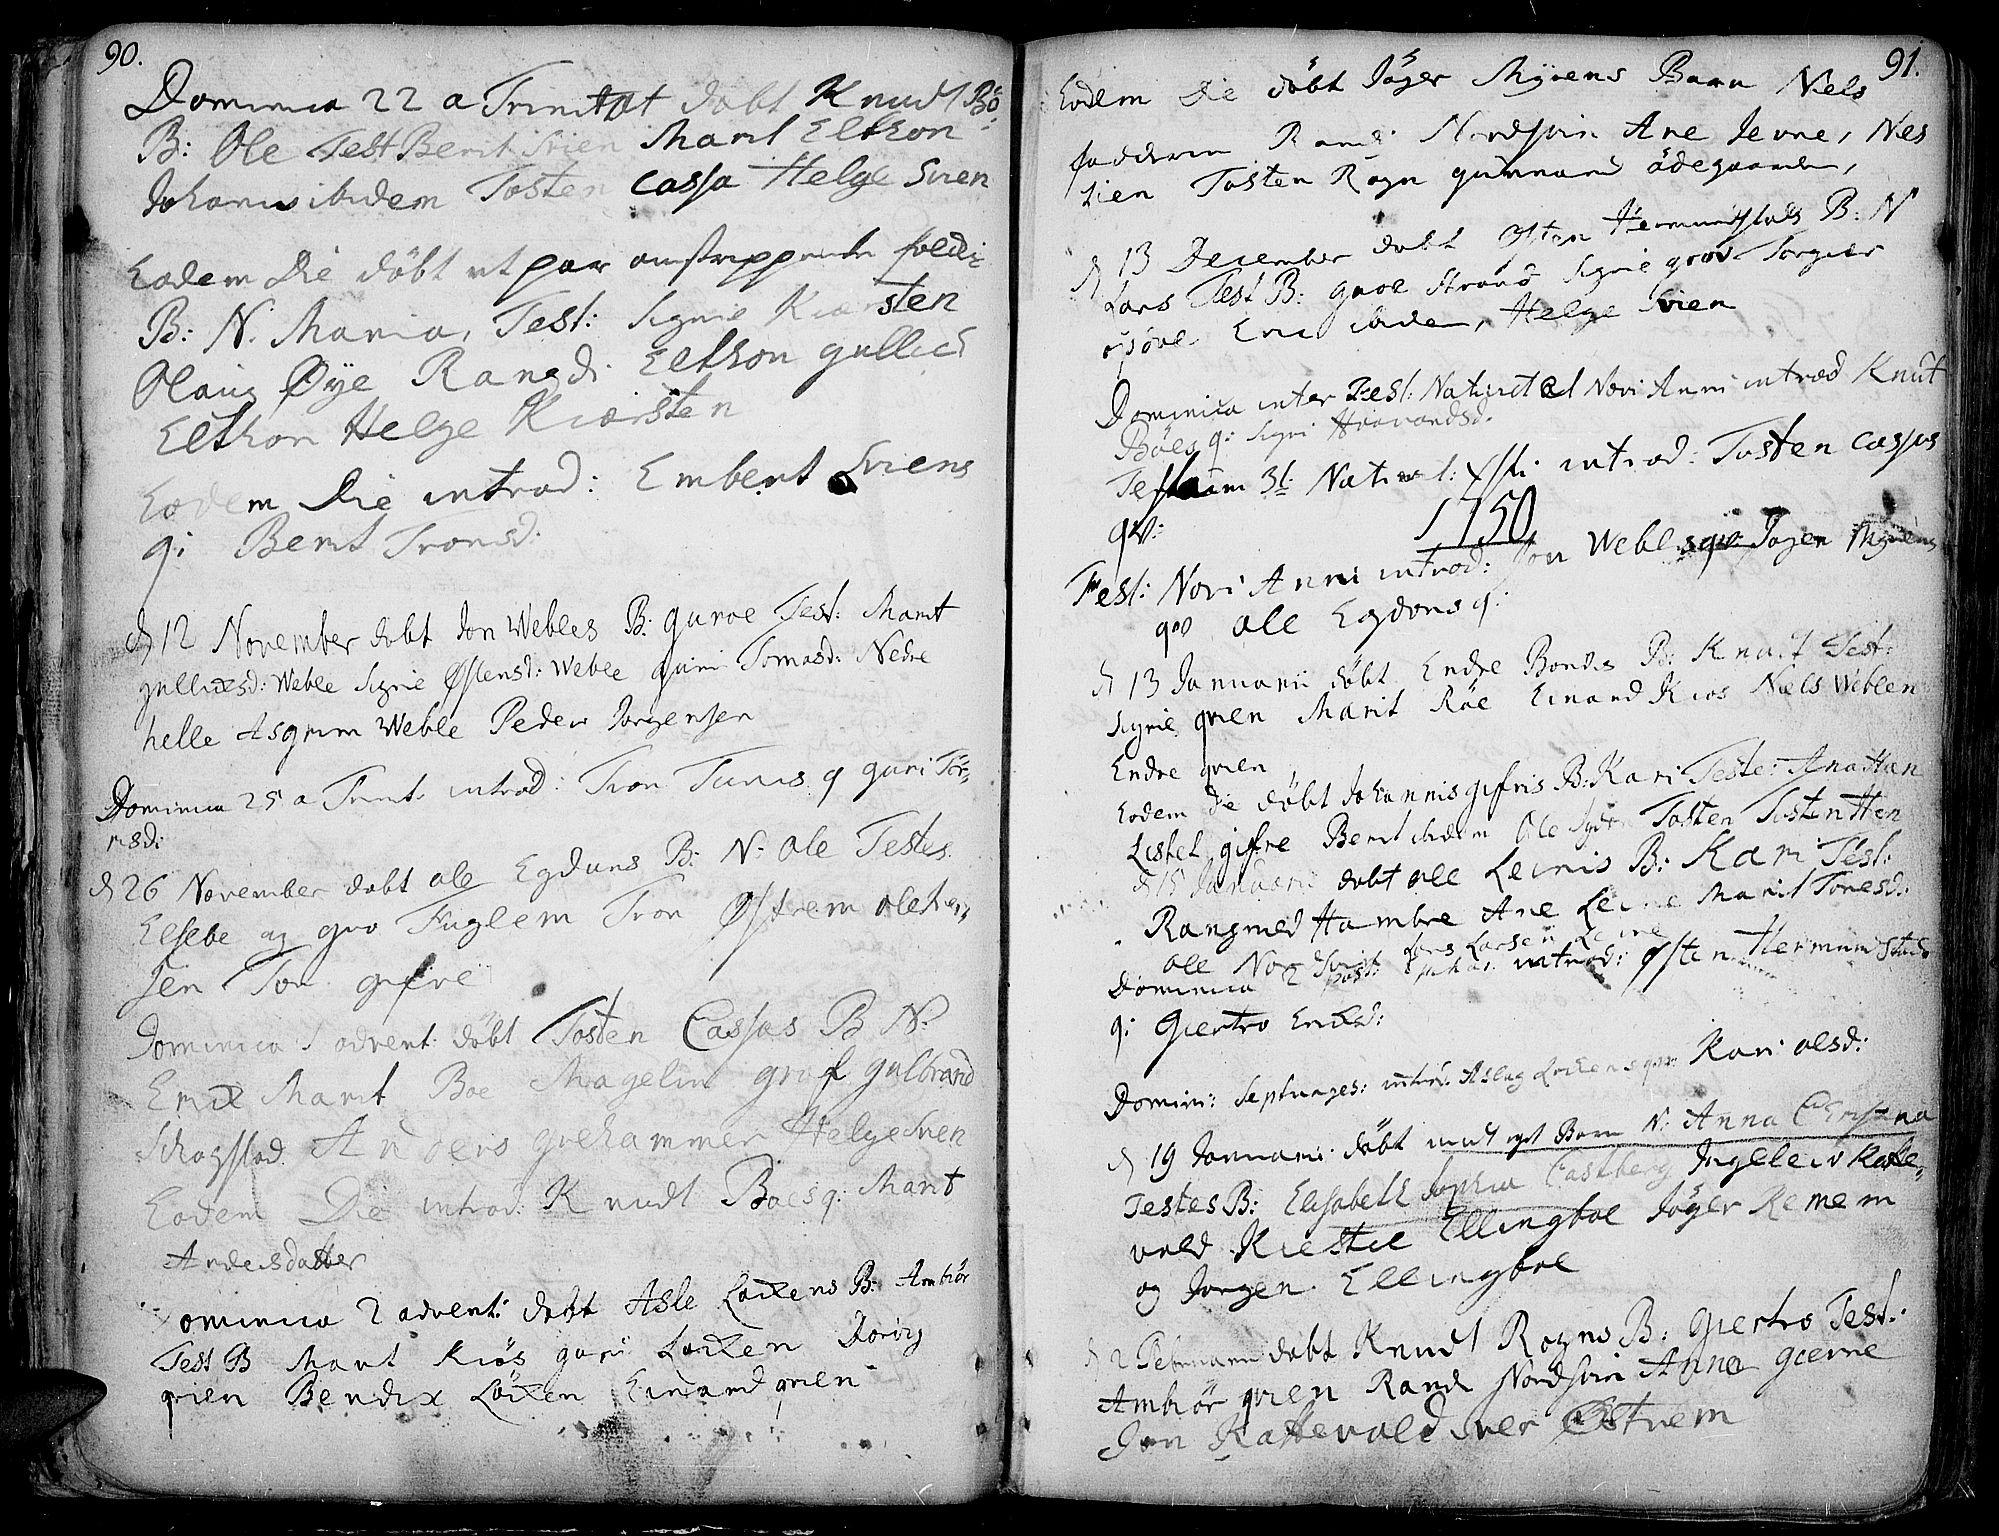 SAH, Vang prestekontor, Valdres, Ministerialbok nr. 1, 1730-1796, s. 90-91